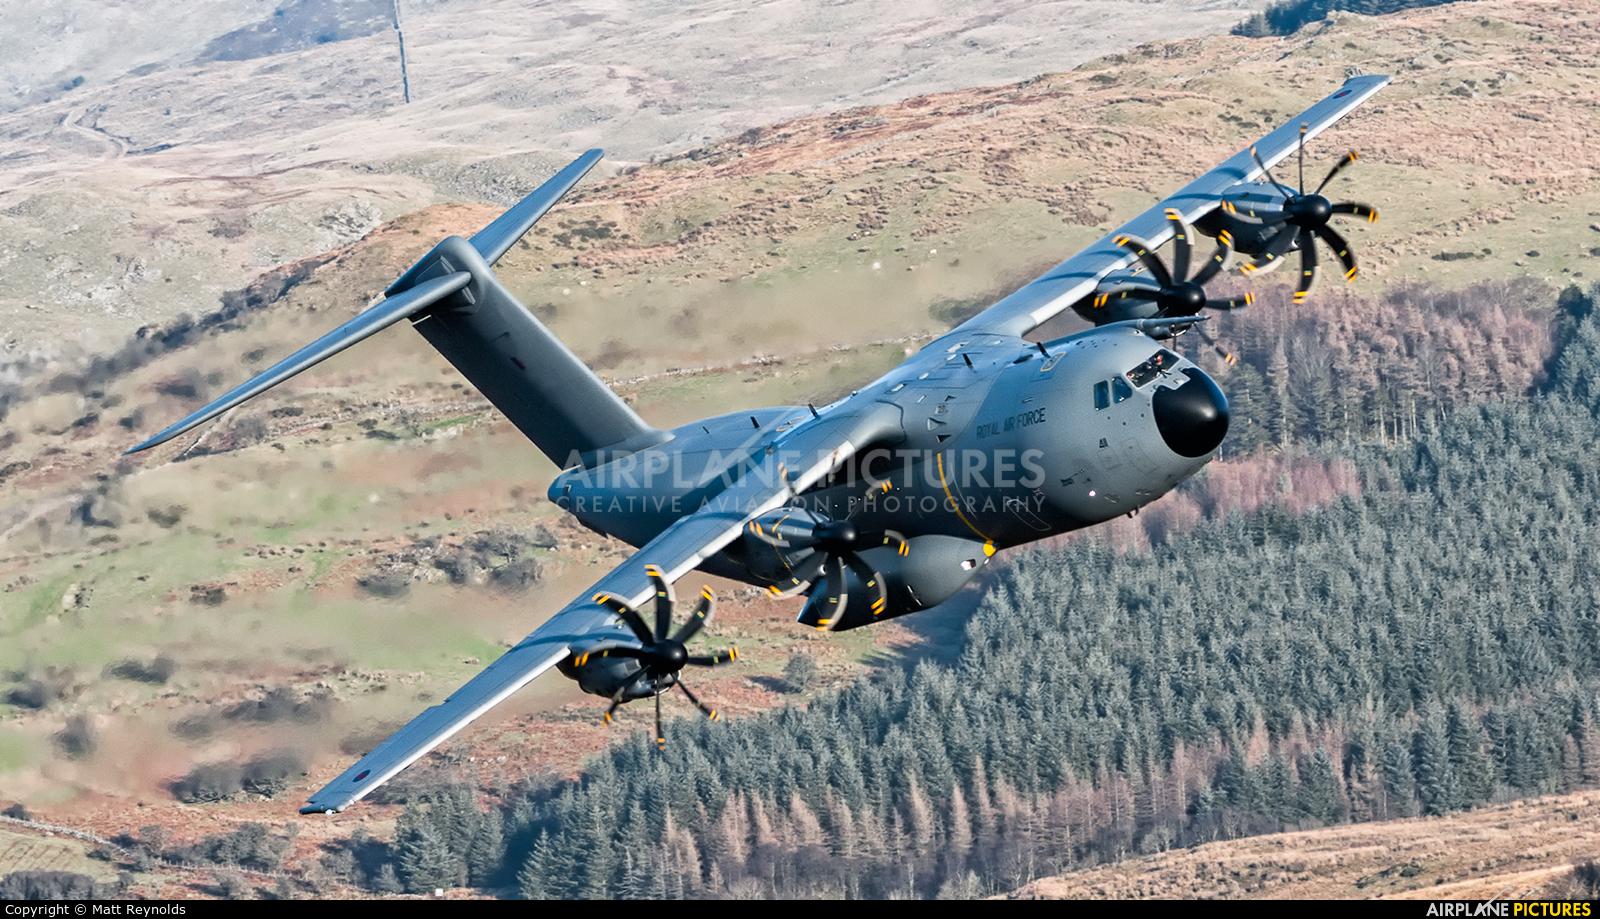 Royal Air Force ZM411 aircraft at Machynlleth Loop - LFA 7